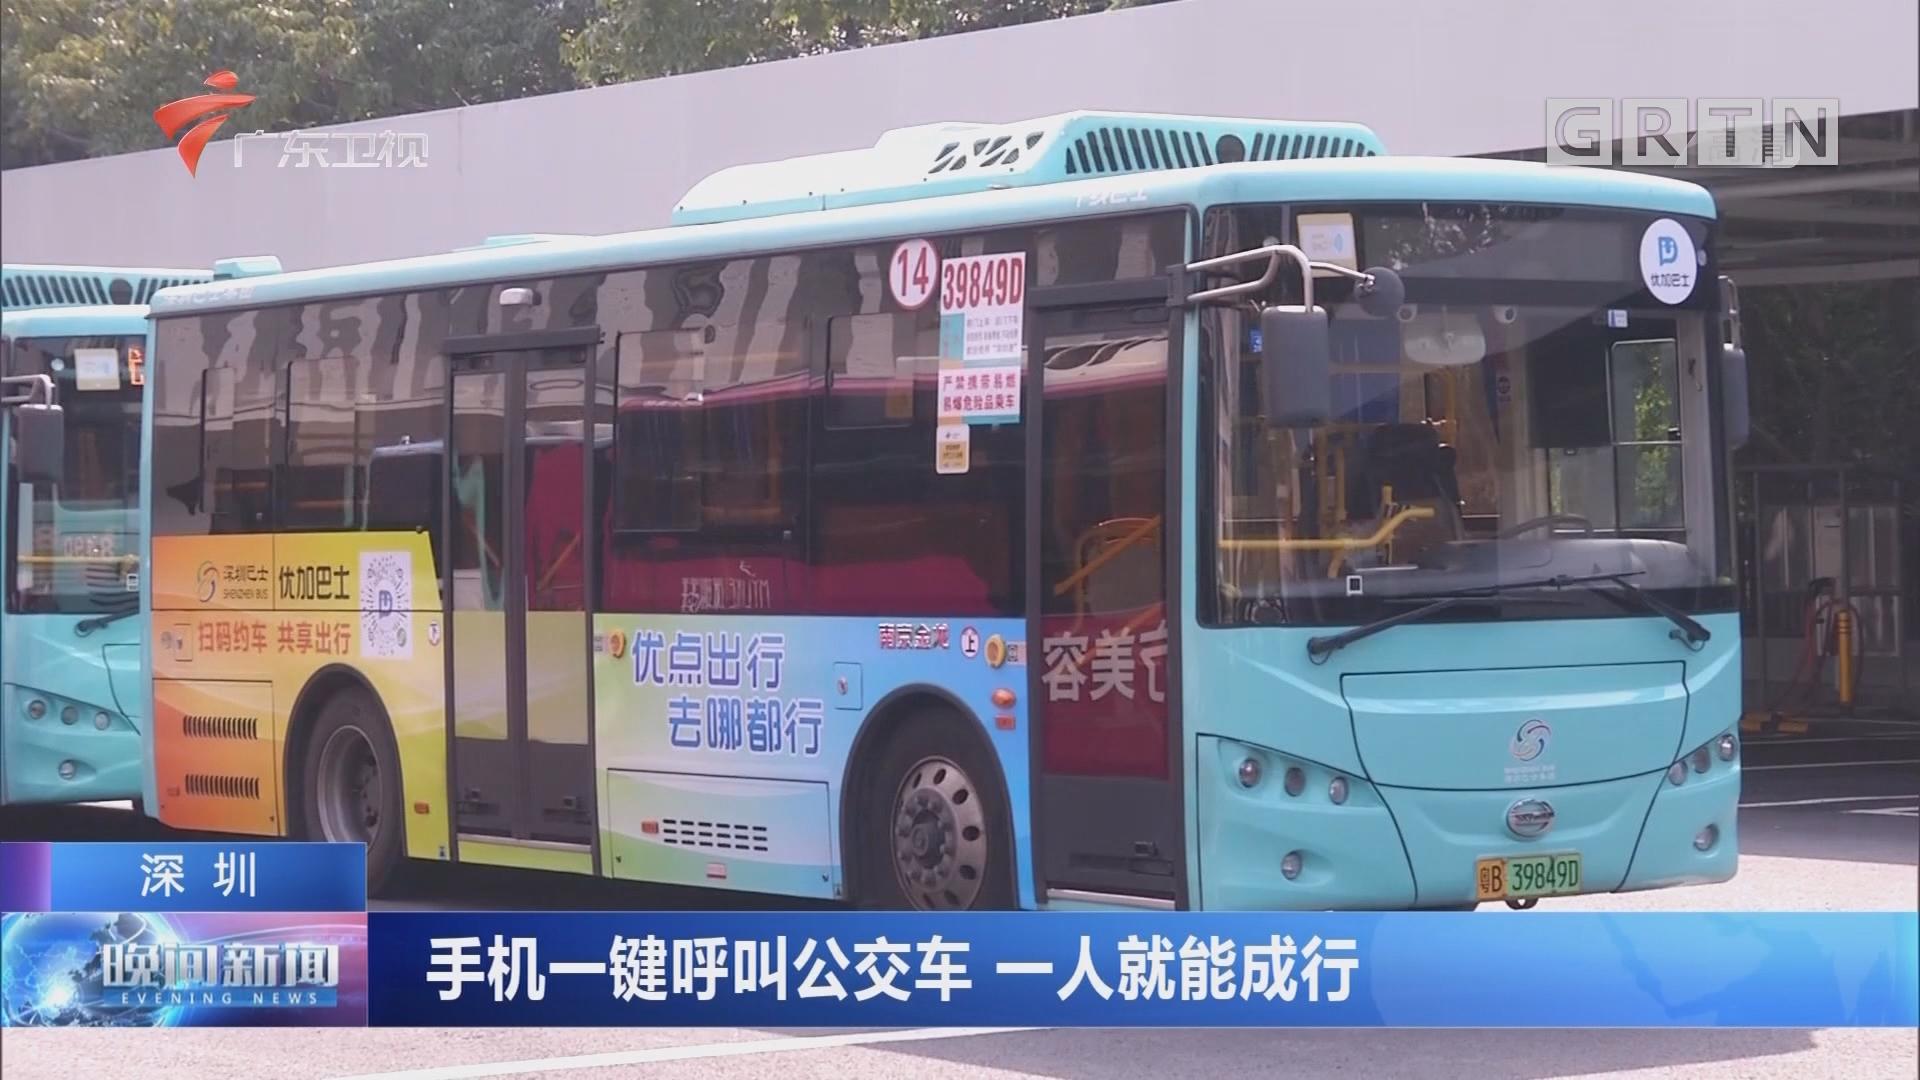 深圳:手机一键呼叫公交车 一人就能成行